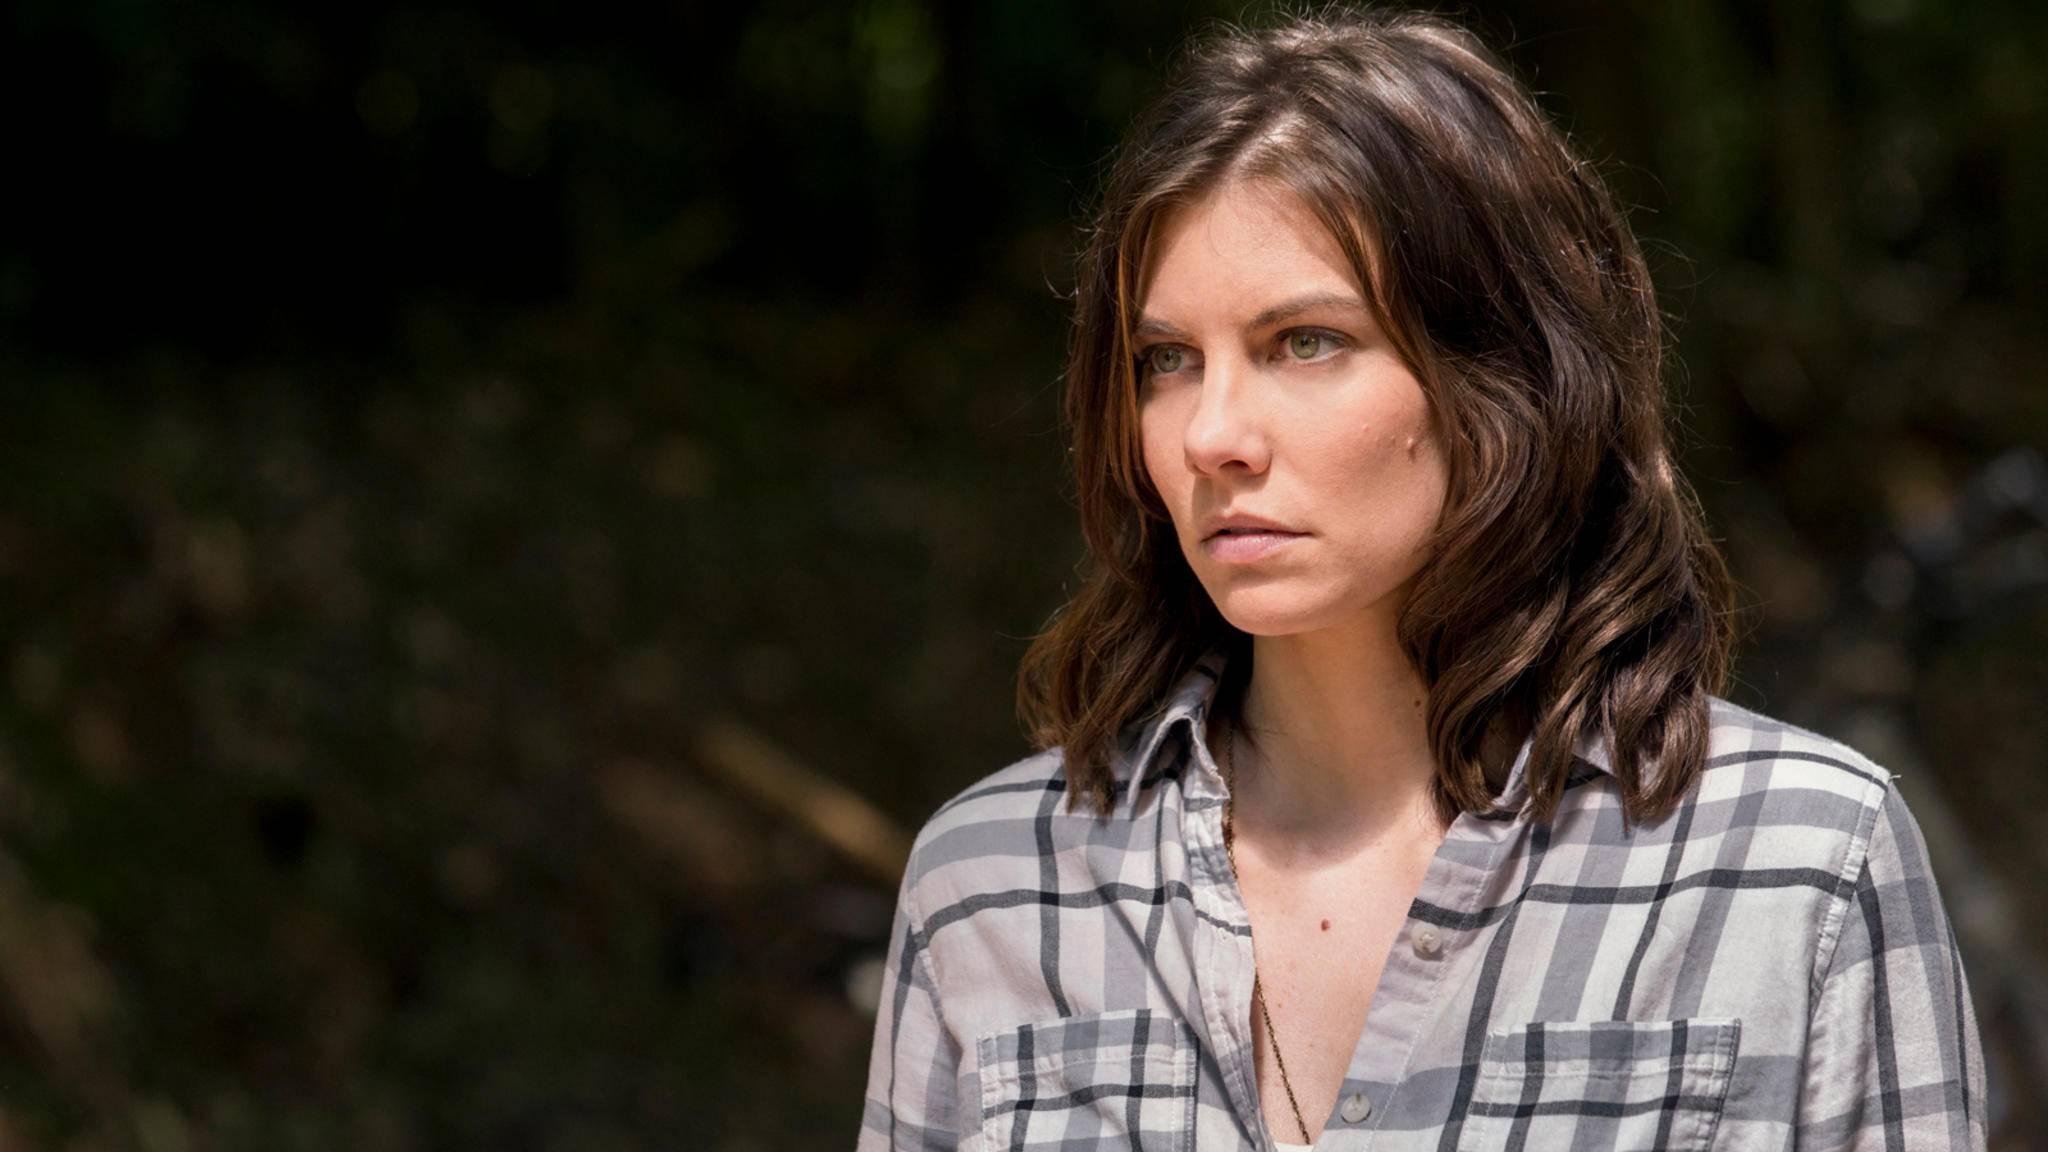 Ein neues Foto mit Maggie-Darstellerin Lauren Cohan sorgt gerade für Furore.